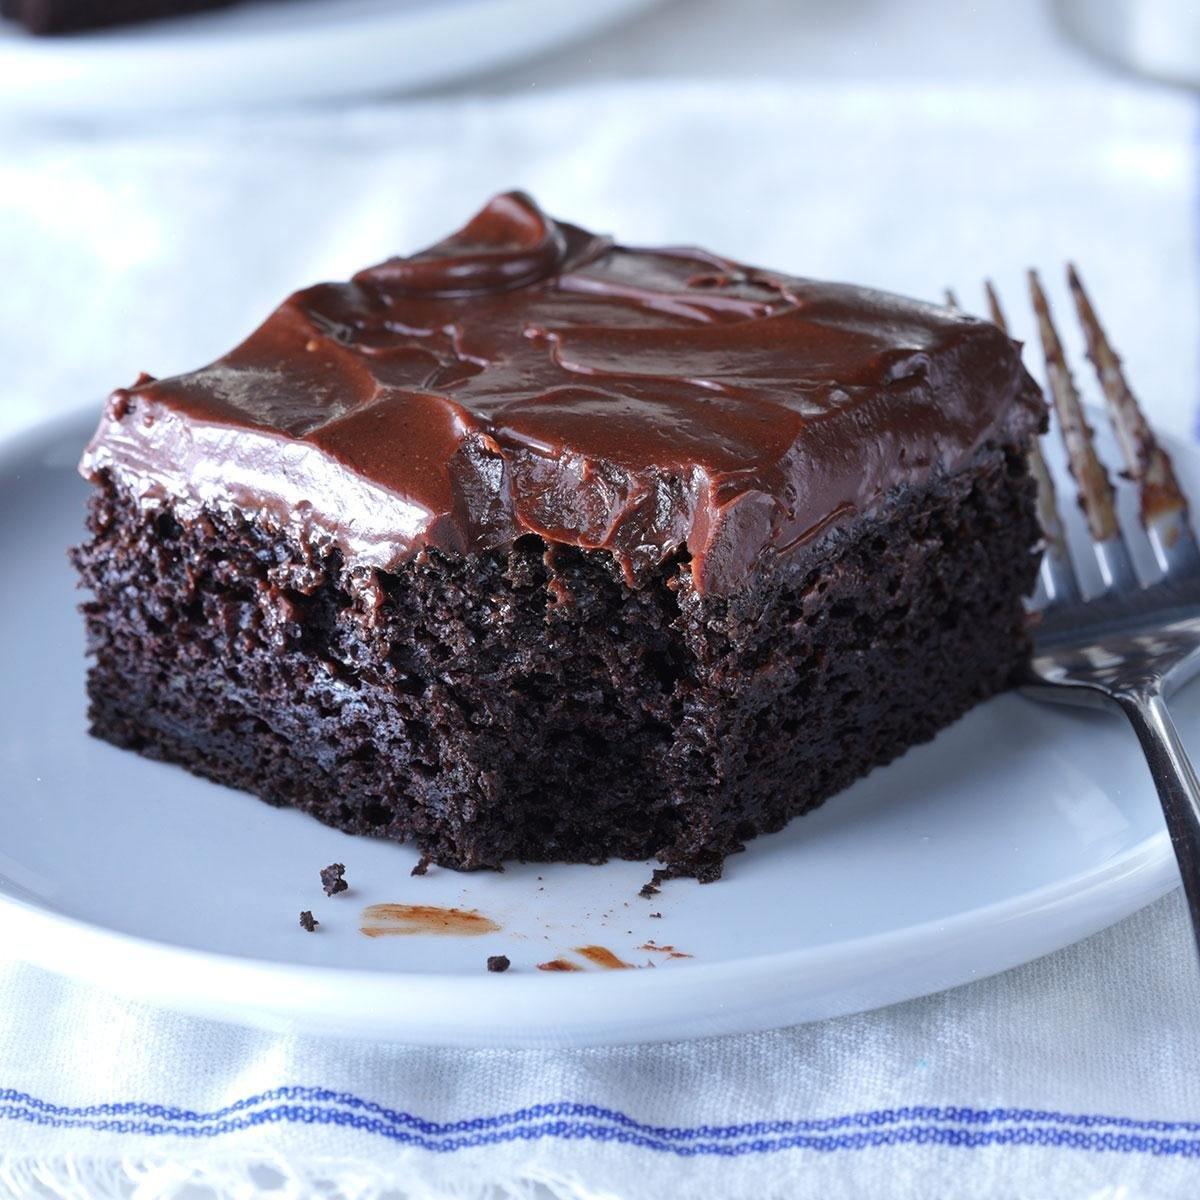 пирог шоколадный рецепт с фото пошагово вашего